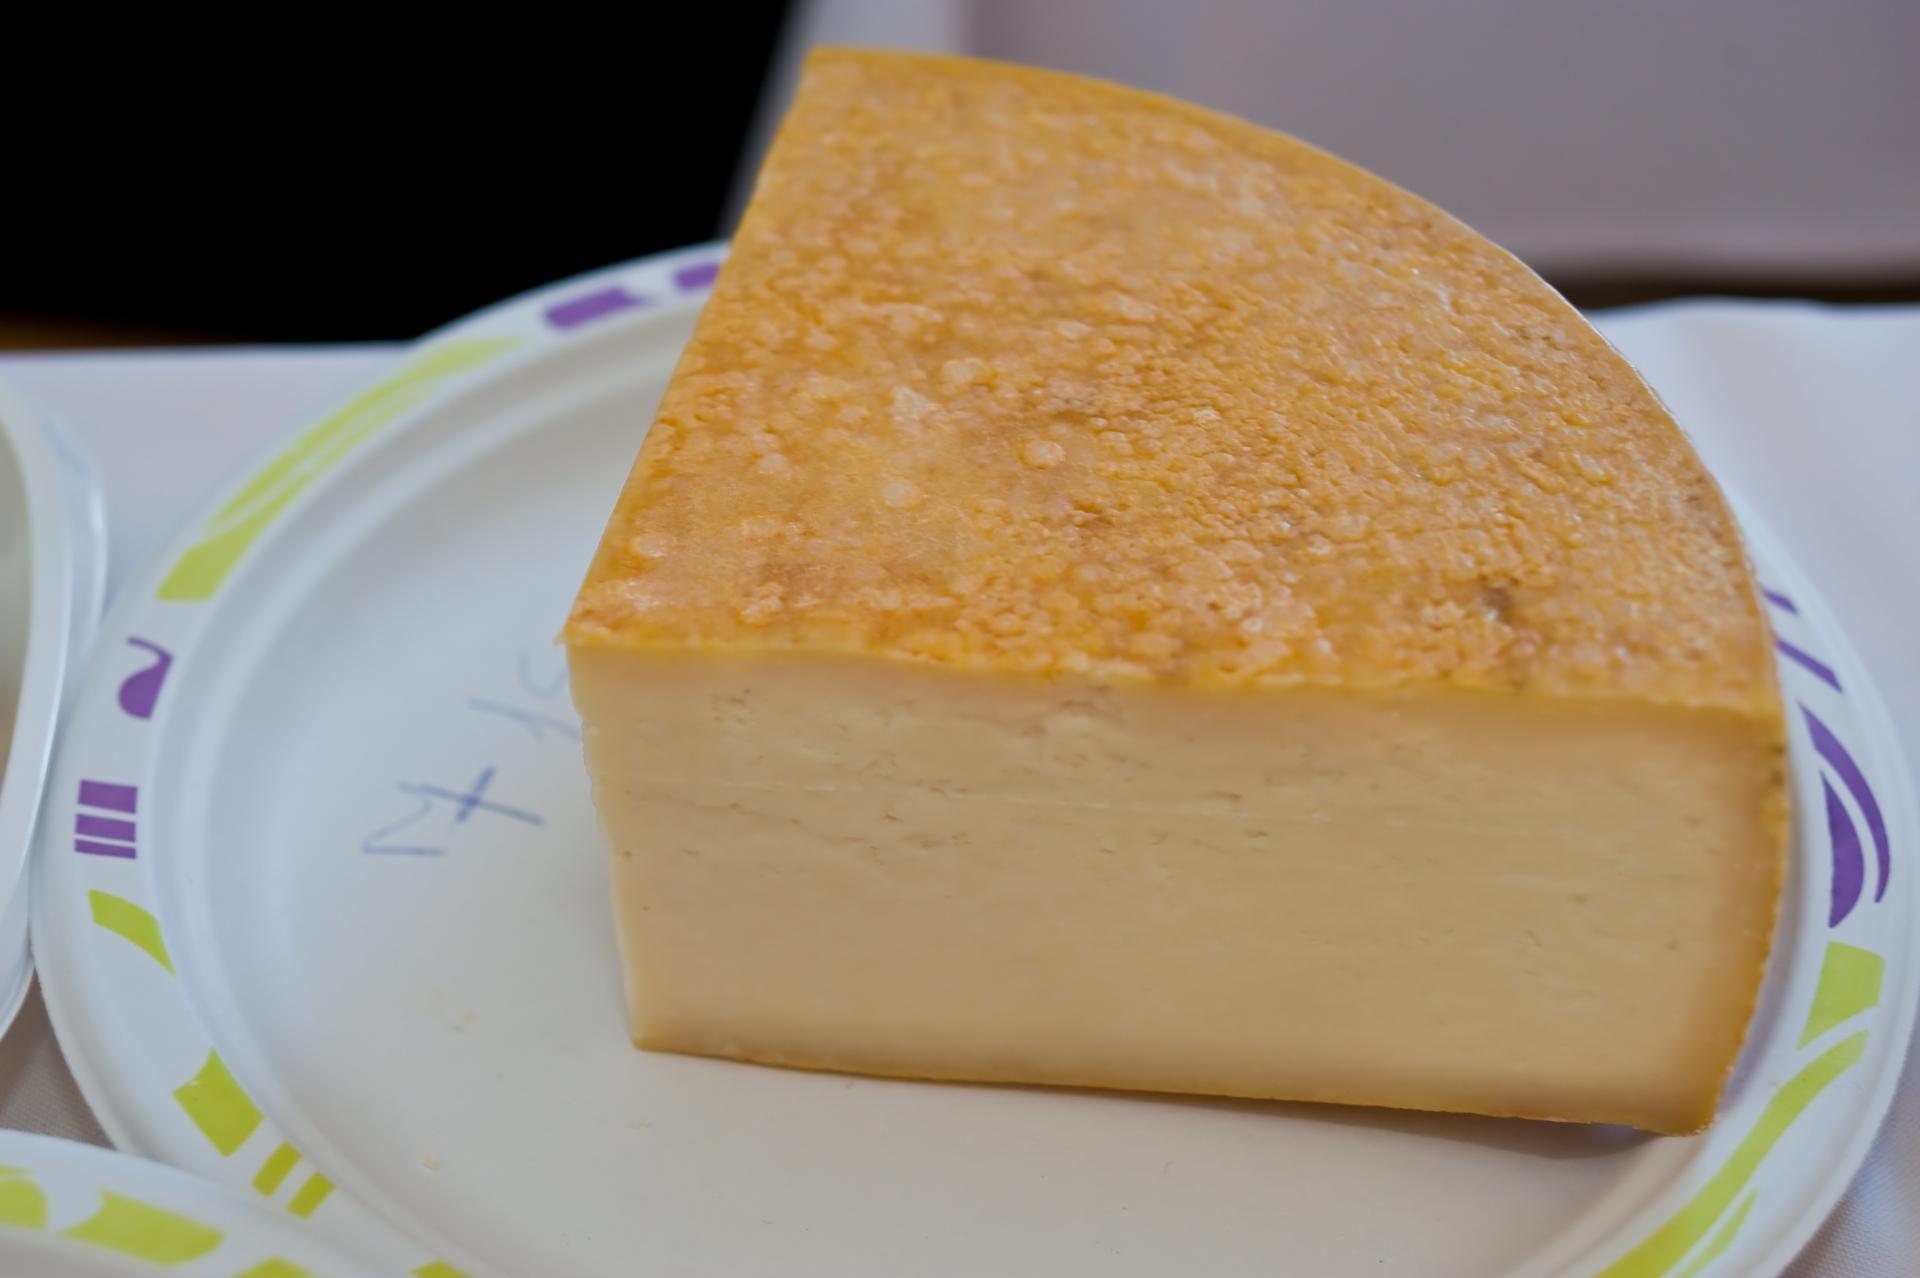 Capella érlelt kemény sajt / Termelő: Papp